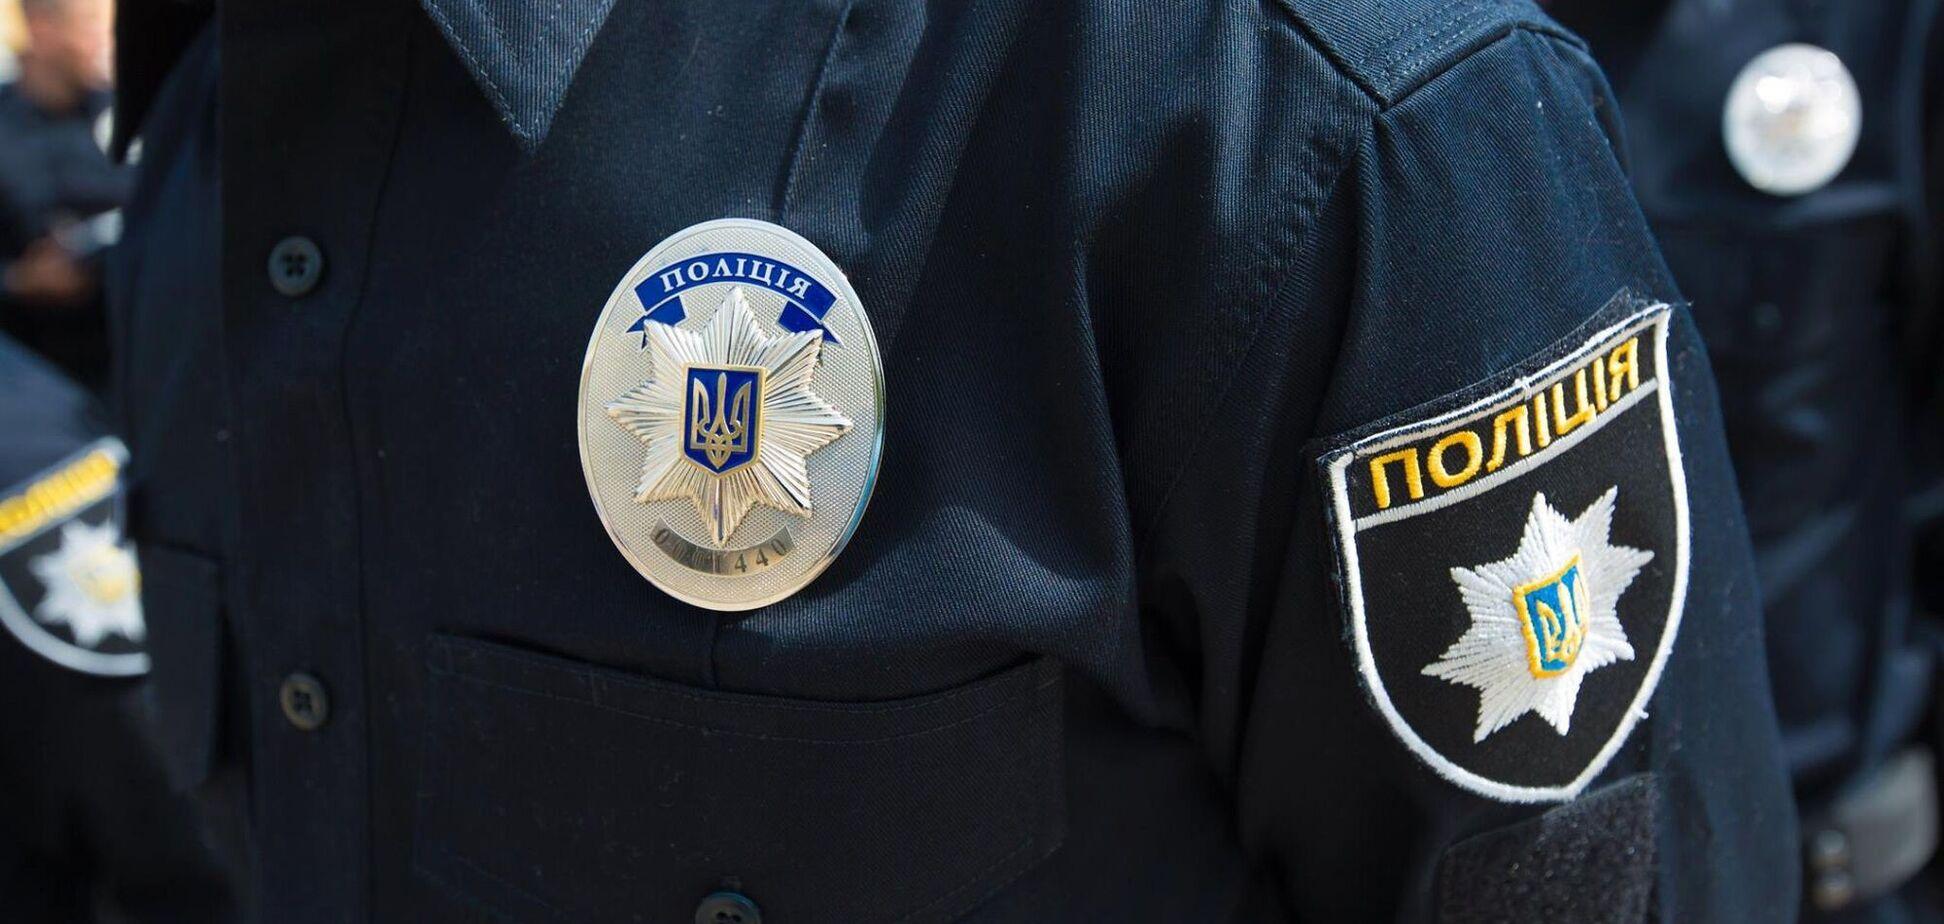 Полиция решает вопрос о возбуждении уголовного производства